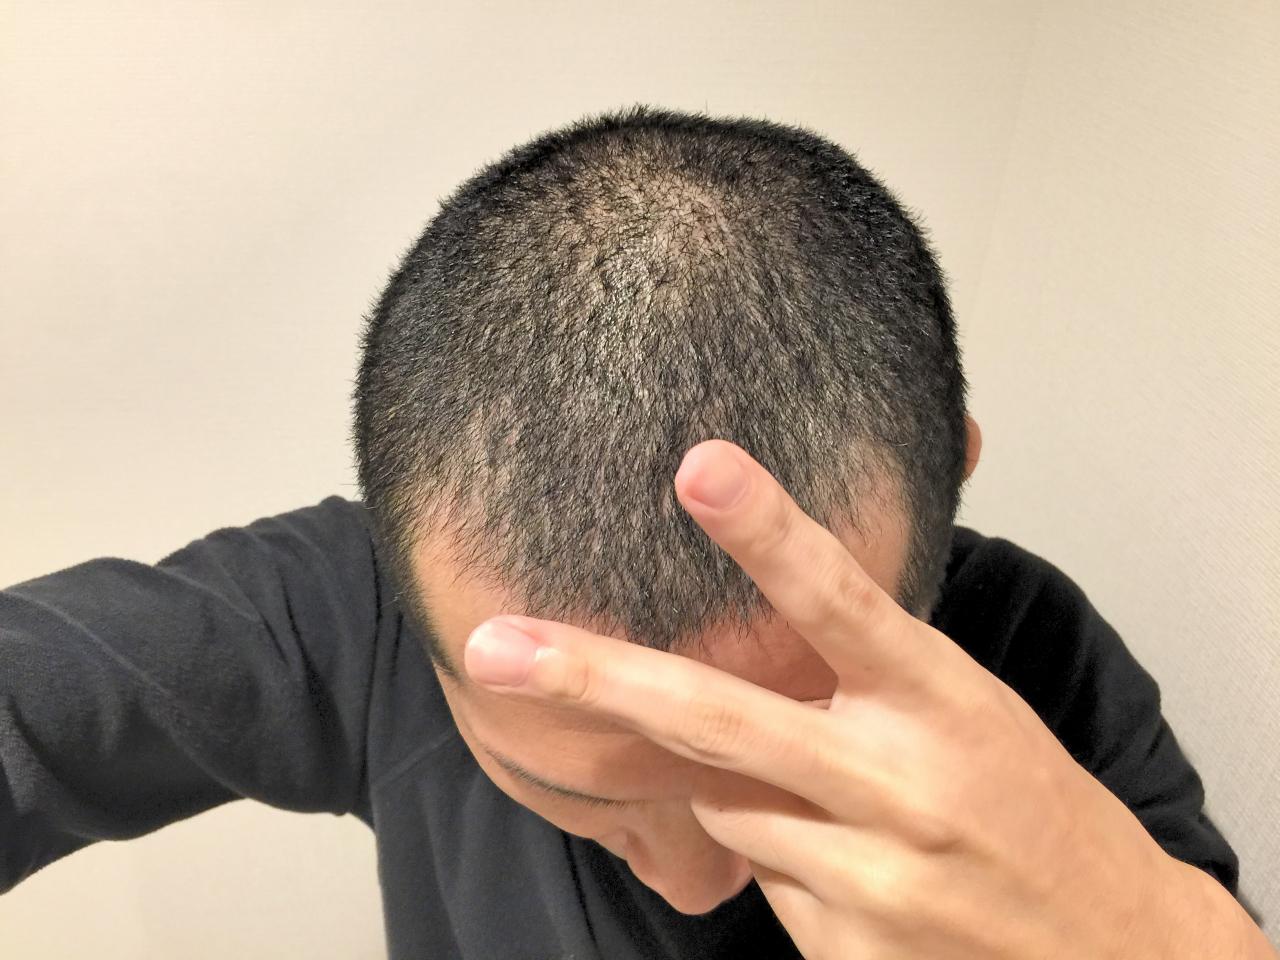 縮毛剛毛を簡単に坊主にフィリップスのバリカン[HC7460]でセルフ丸刈りも簡単!